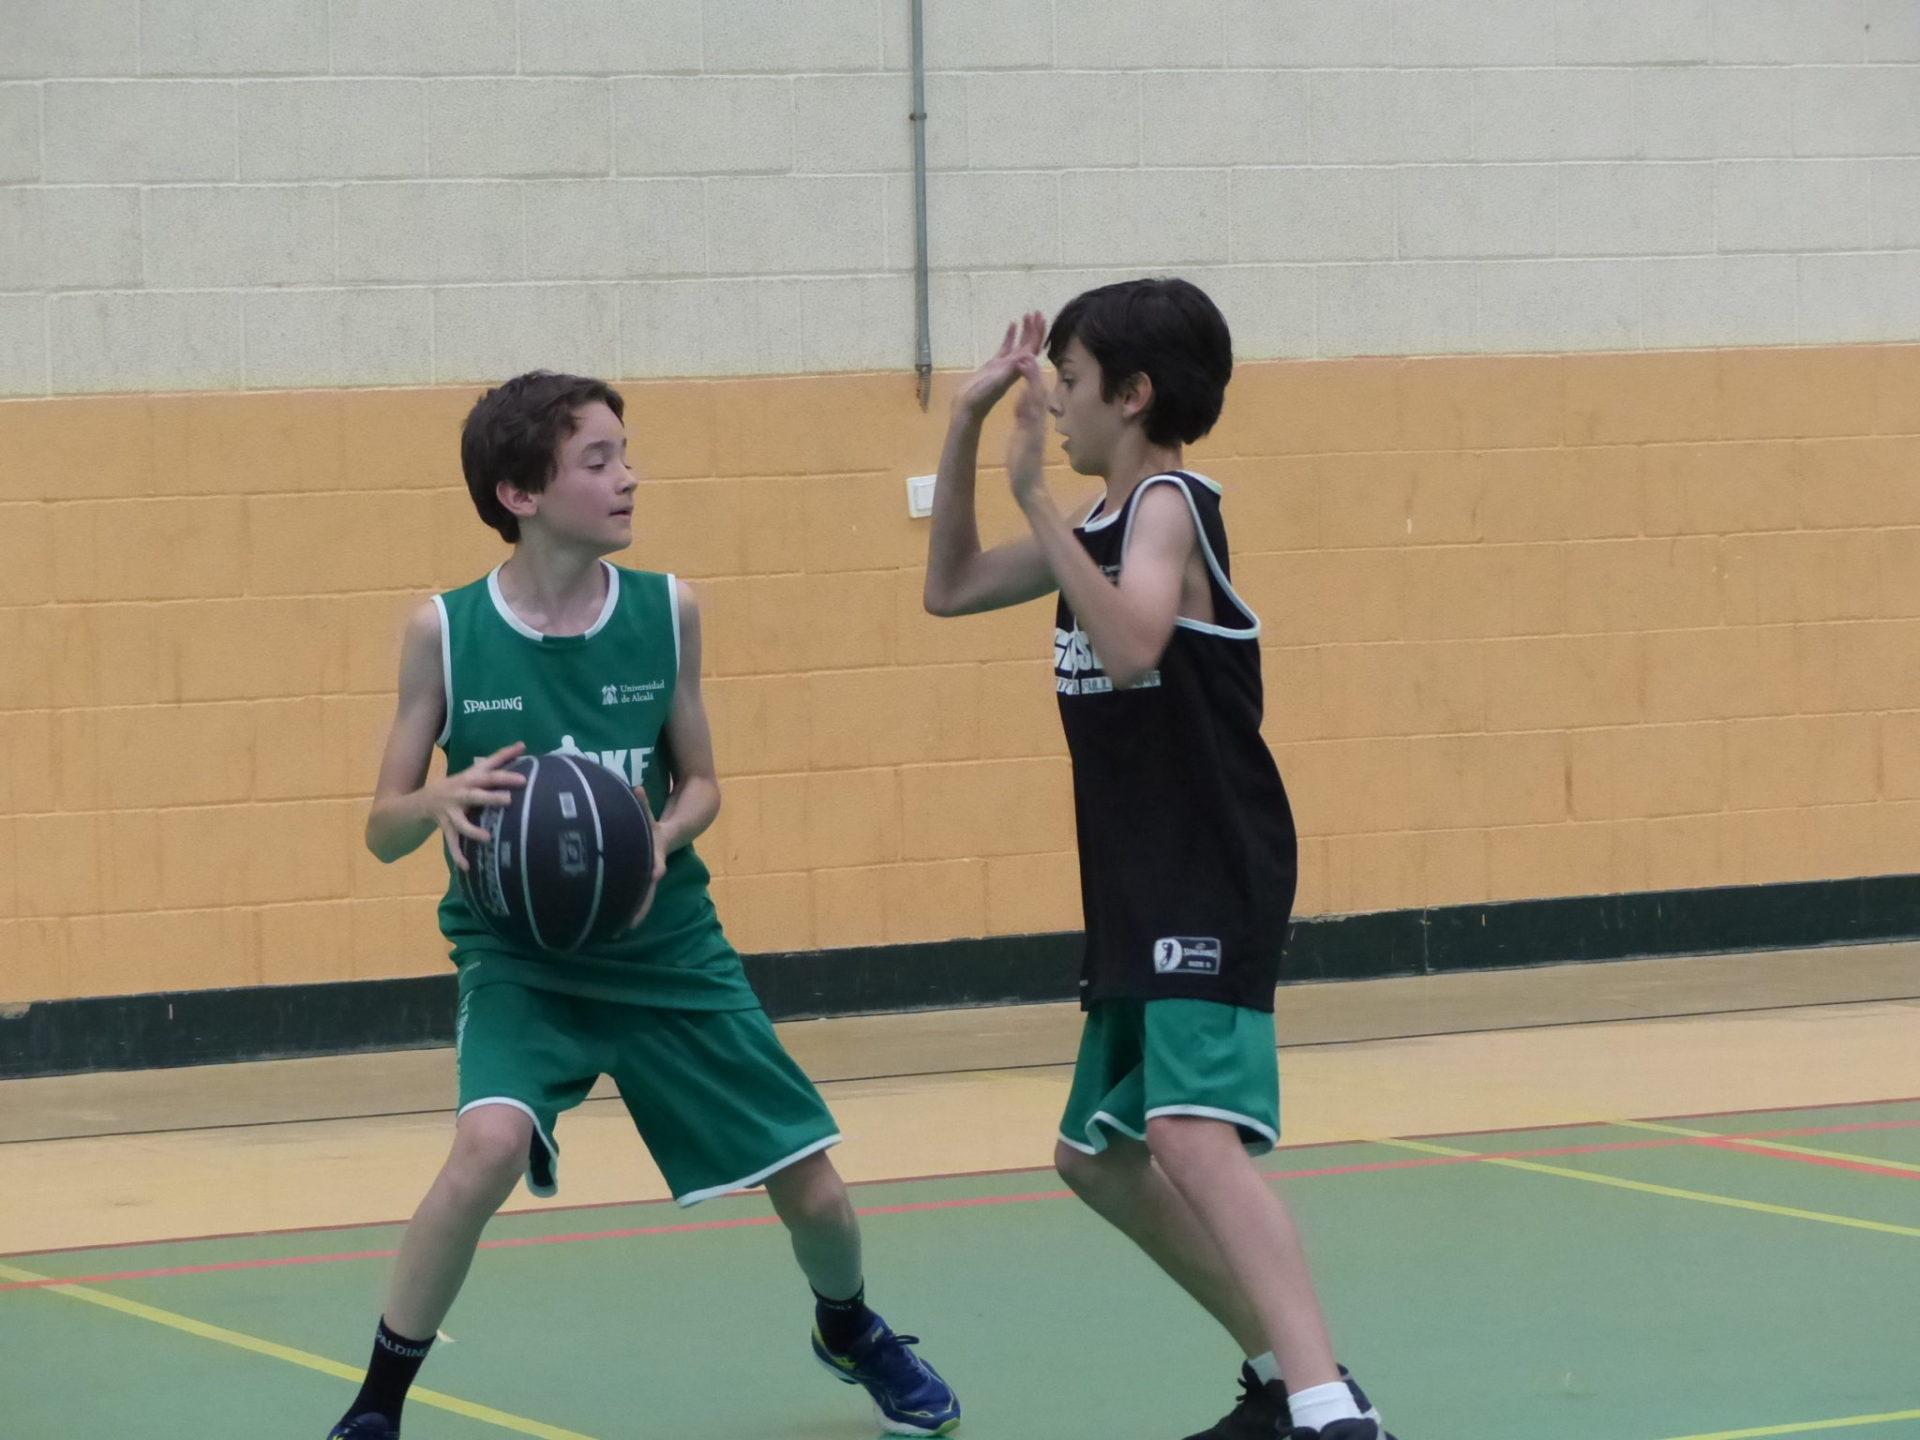 Consejos para el jugador de baloncesto: El pase